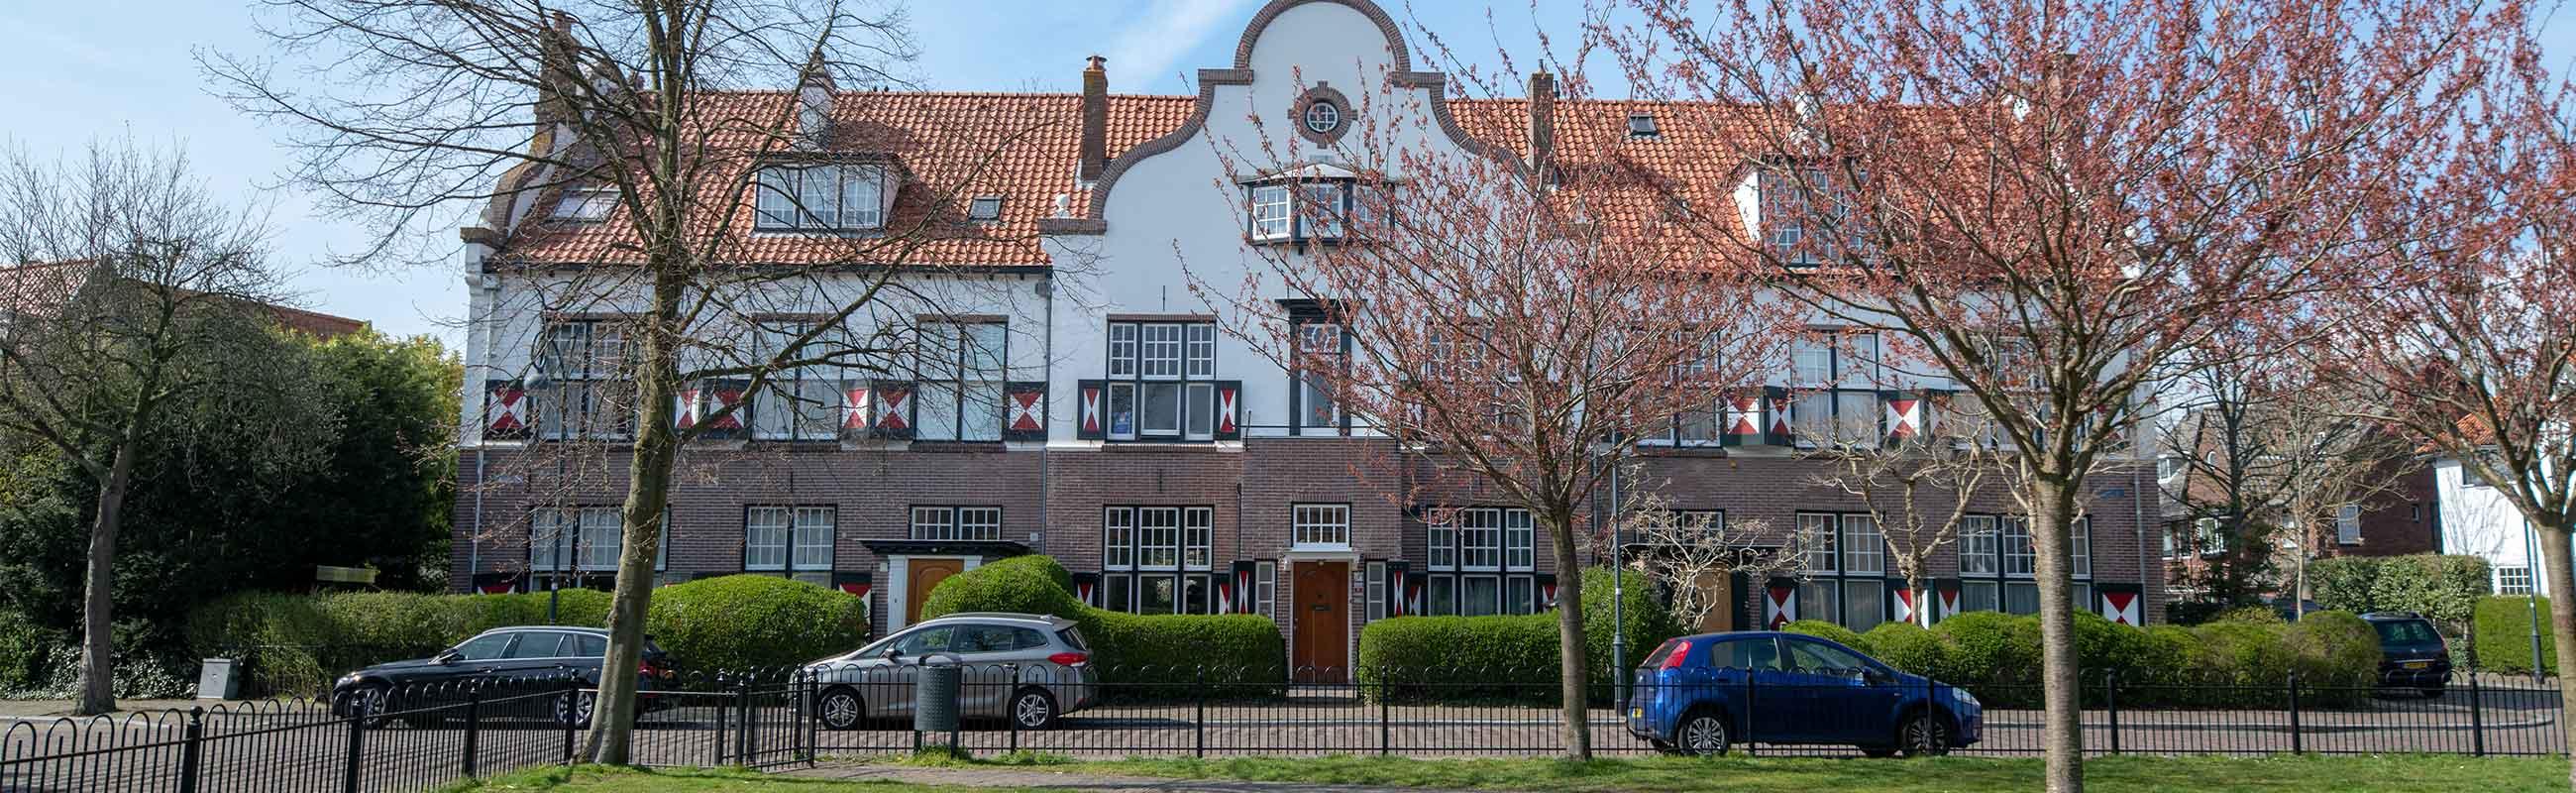 Koopwoningen in de Bosch en Vaartbuurt in het Haarlemmerhoutkwartier